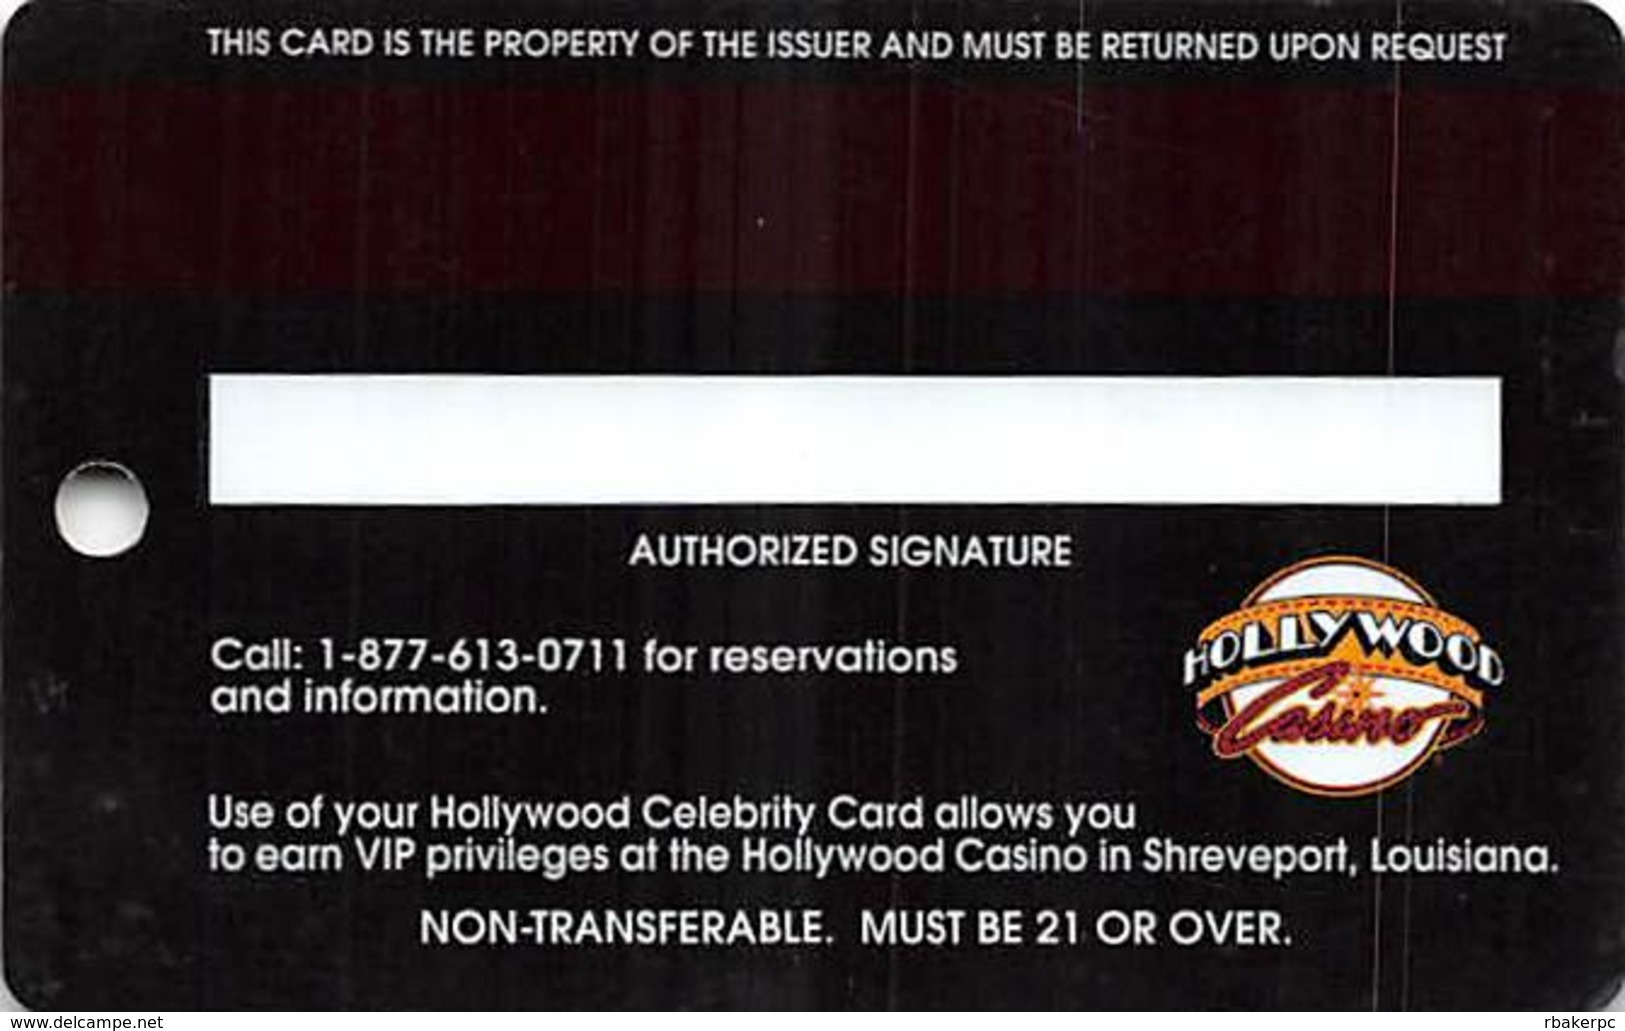 Hollywood Casino - Shreveport, LA - Celebrity Level Slot Card - Expires 12/31/04 - Casino Cards